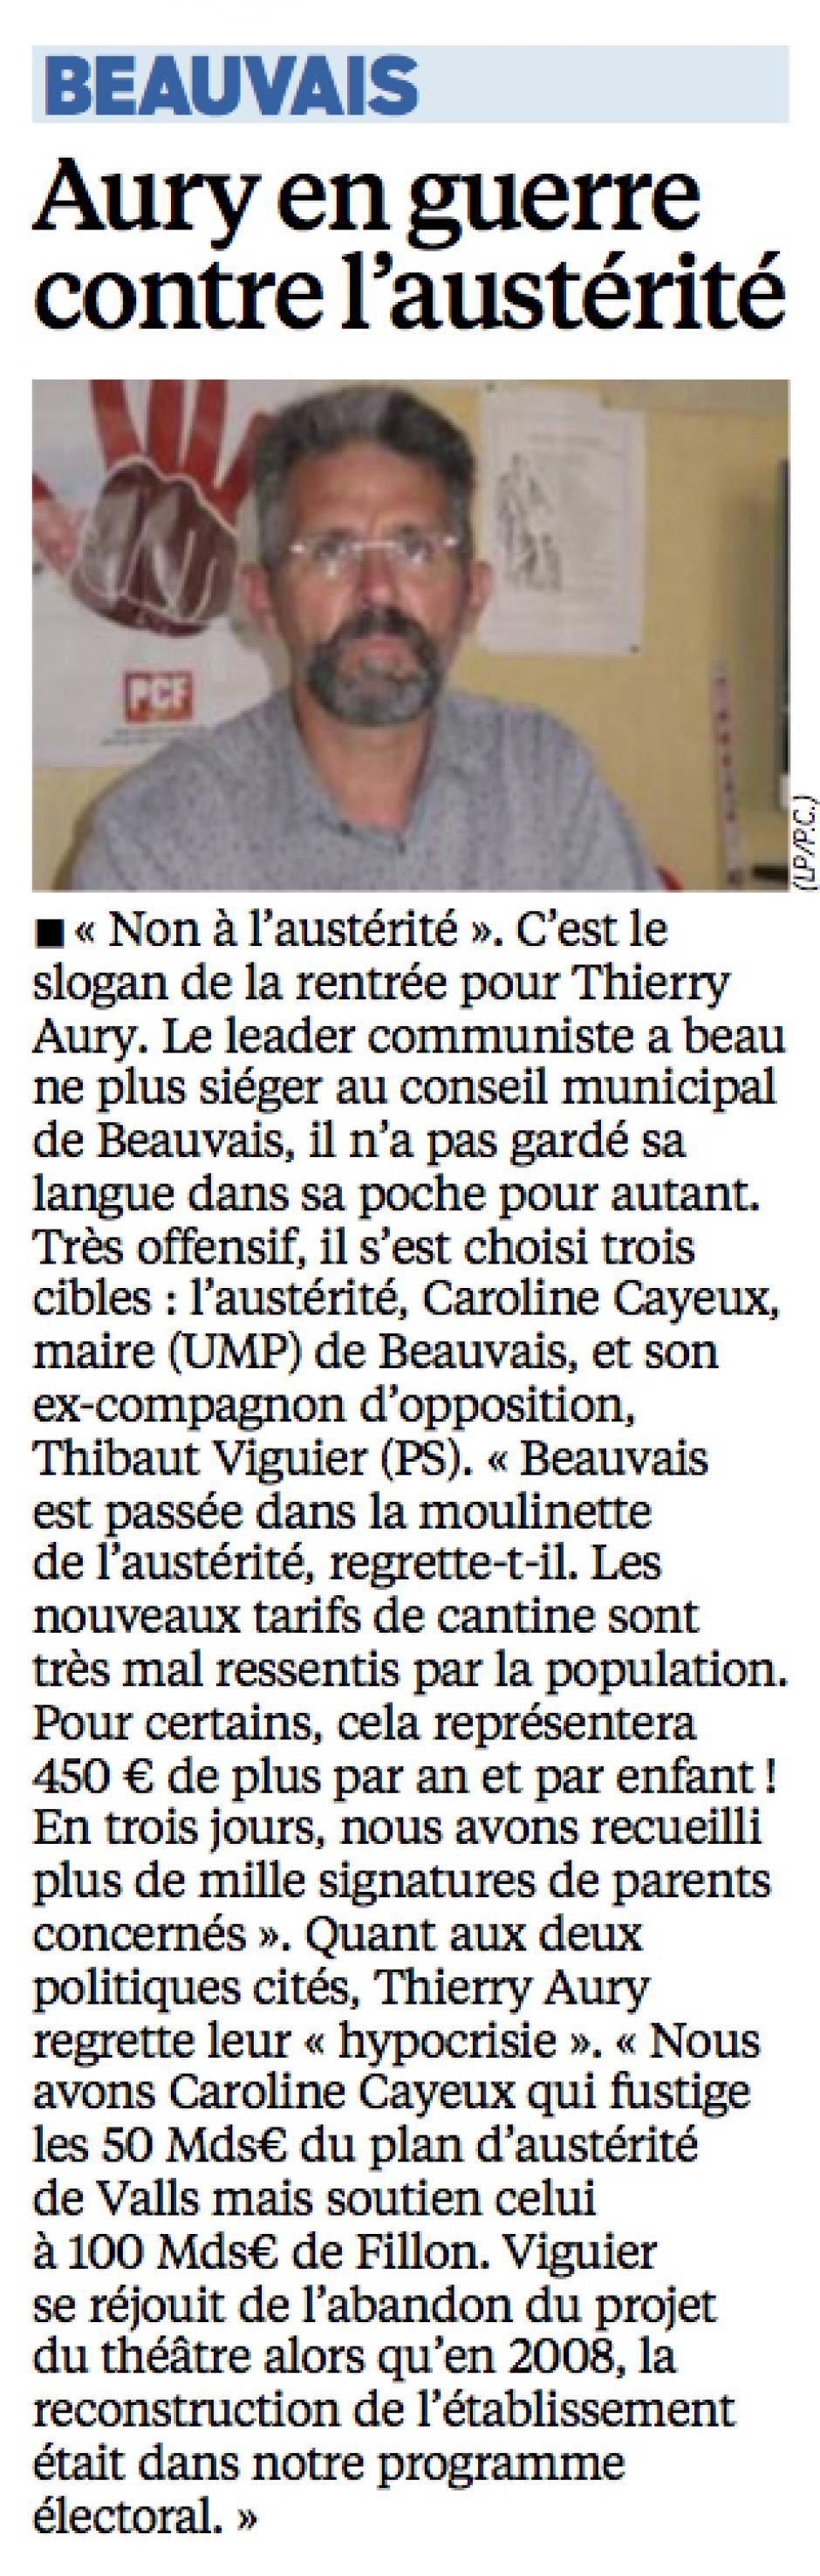 20140909-LeP-Beauvais-Thierry Aury en guerre contre l'austérité